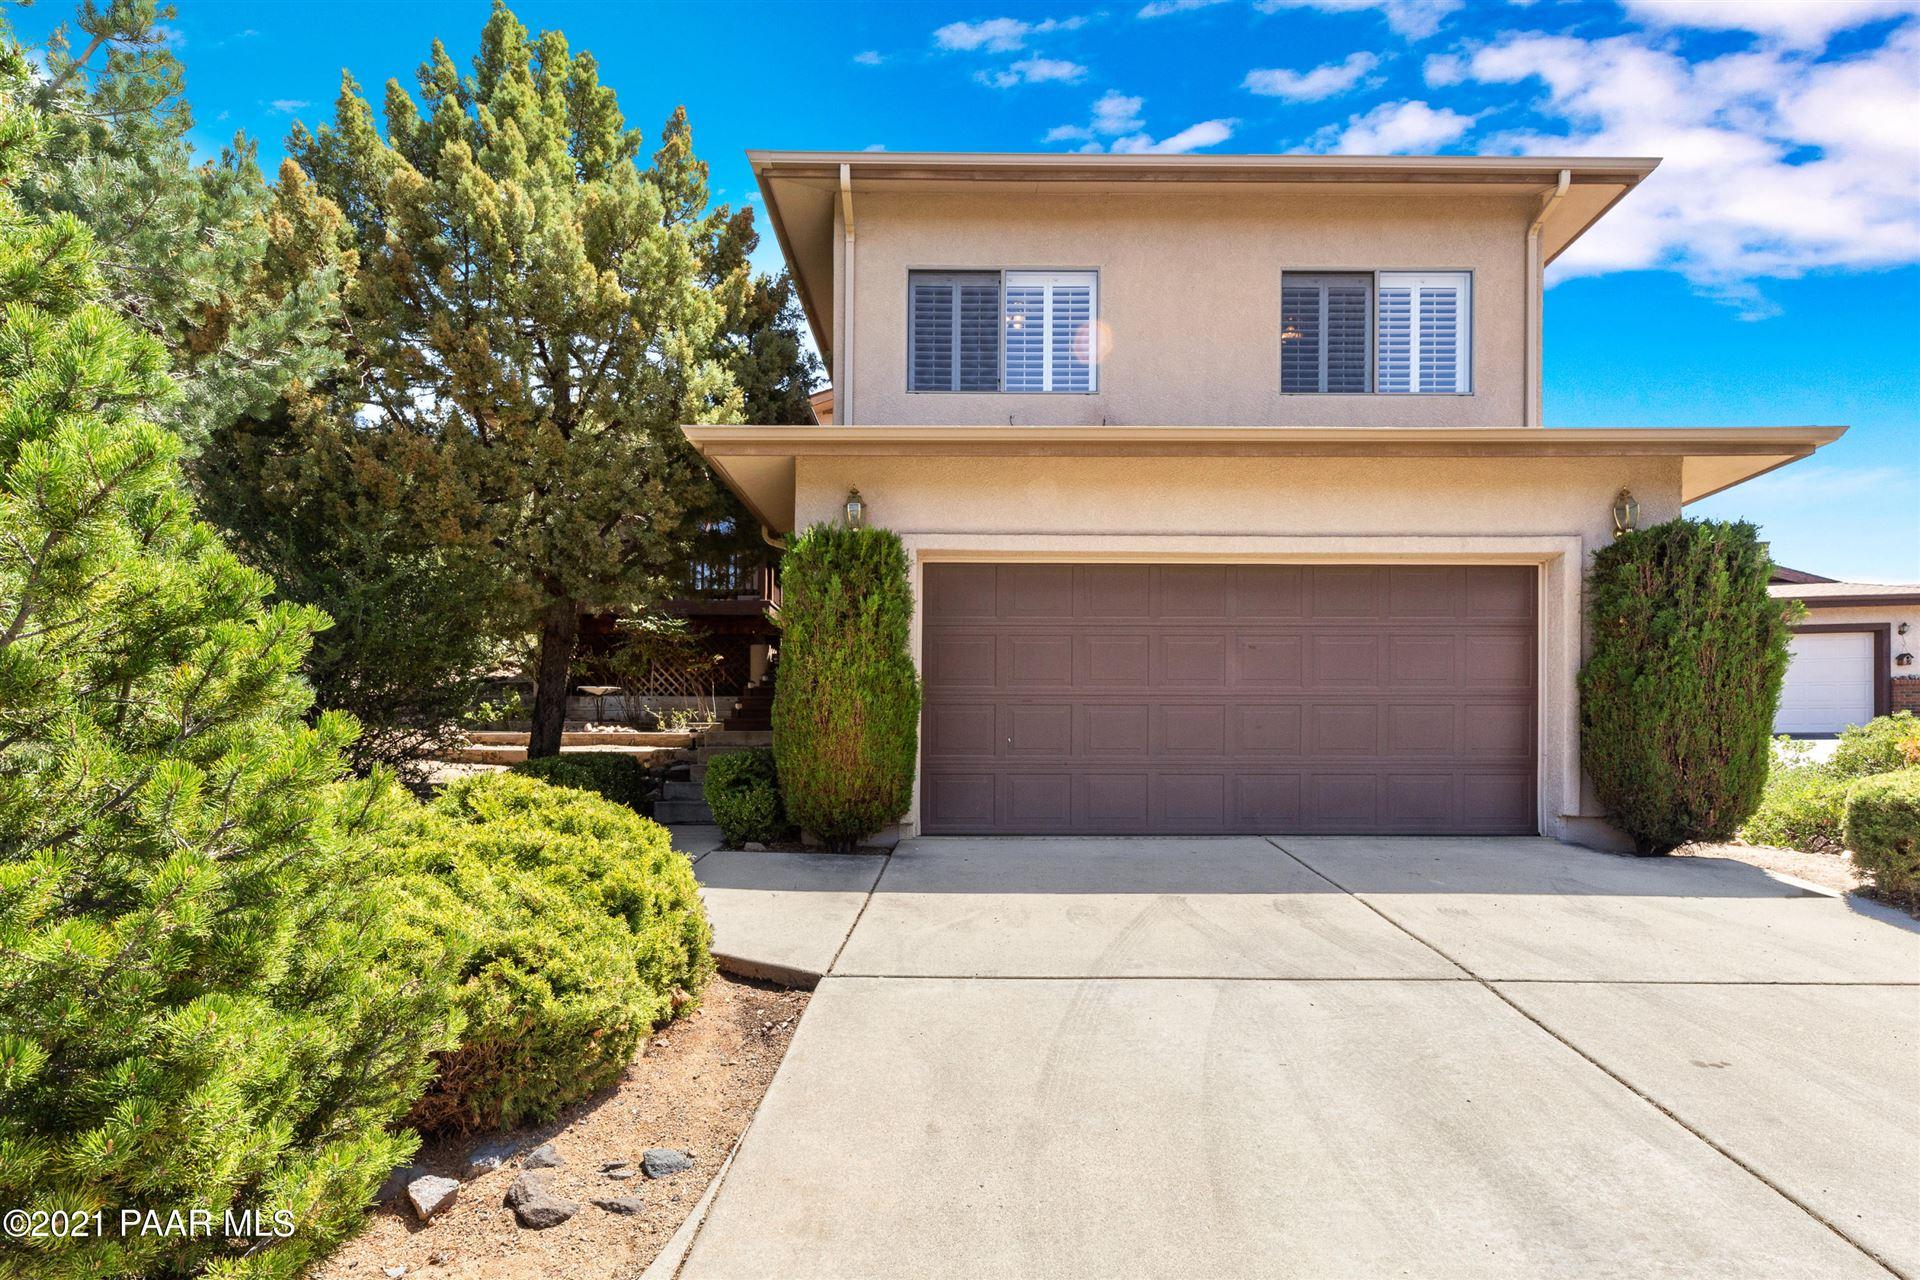 Photo of 1483 Copper Basin Road #Lot: 2, Prescott, AZ 86303 (MLS # 1037641)